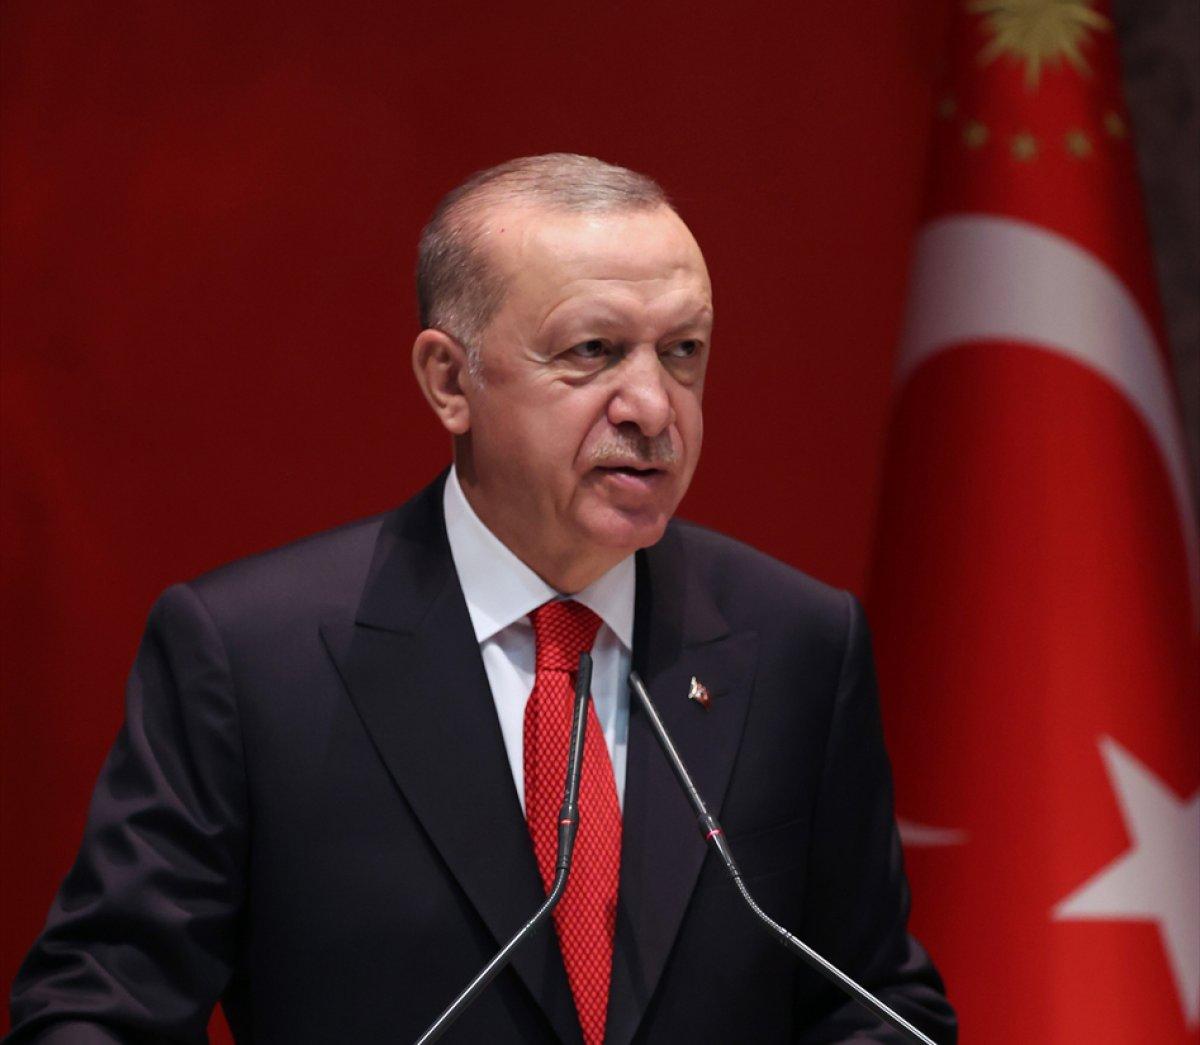 Cumhurbaşkanı Erdoğan ın AK Parti İl Başkanları Toplantısı konuşması #3